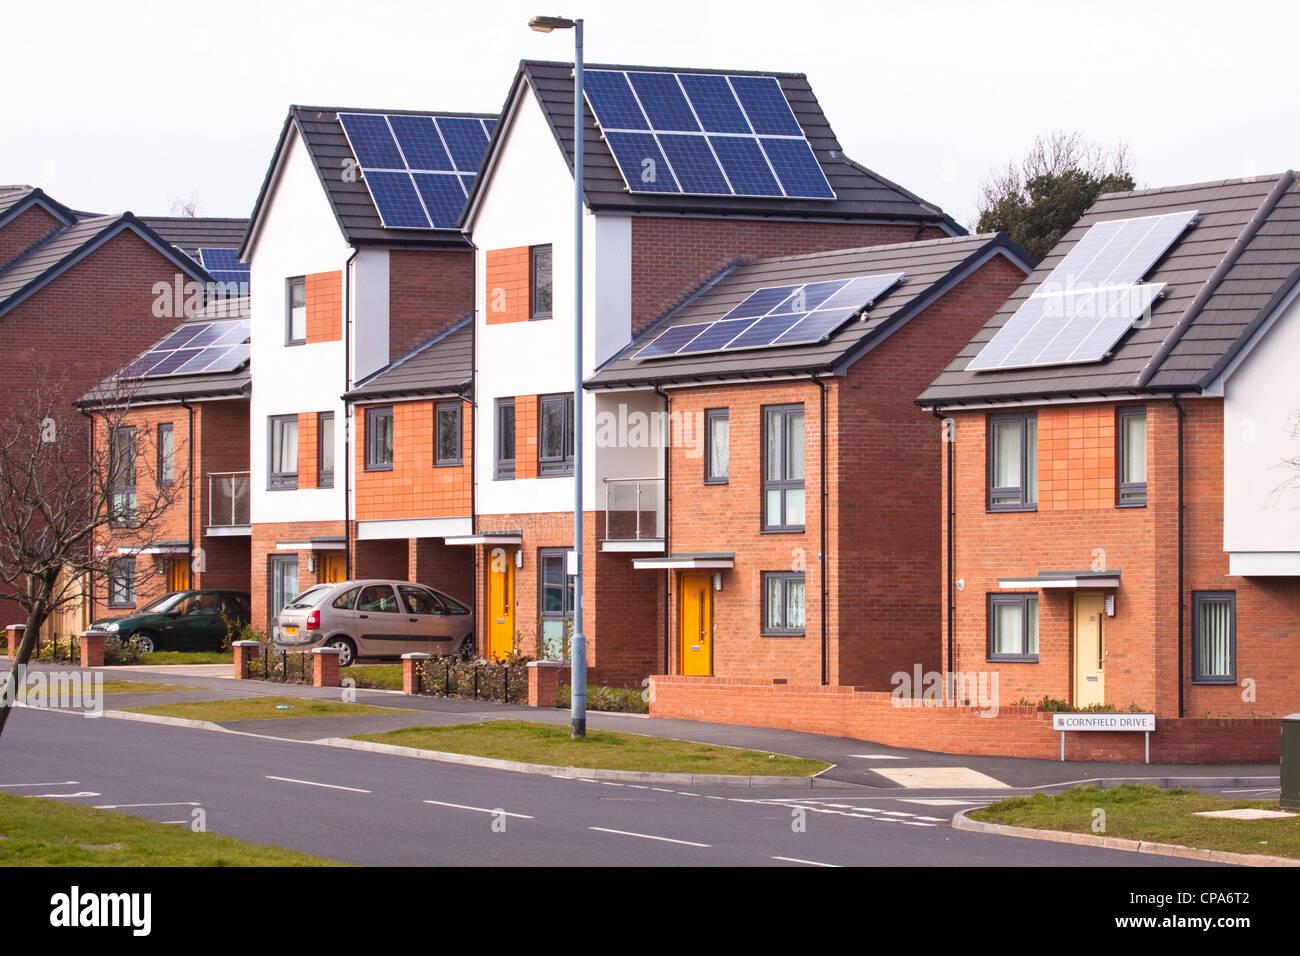 Nuevas viviendas con sistemas de paneles solares fotovoltaicos en el techo, Birmingham, Inglaterra, Reino Unido. Imagen De Stock